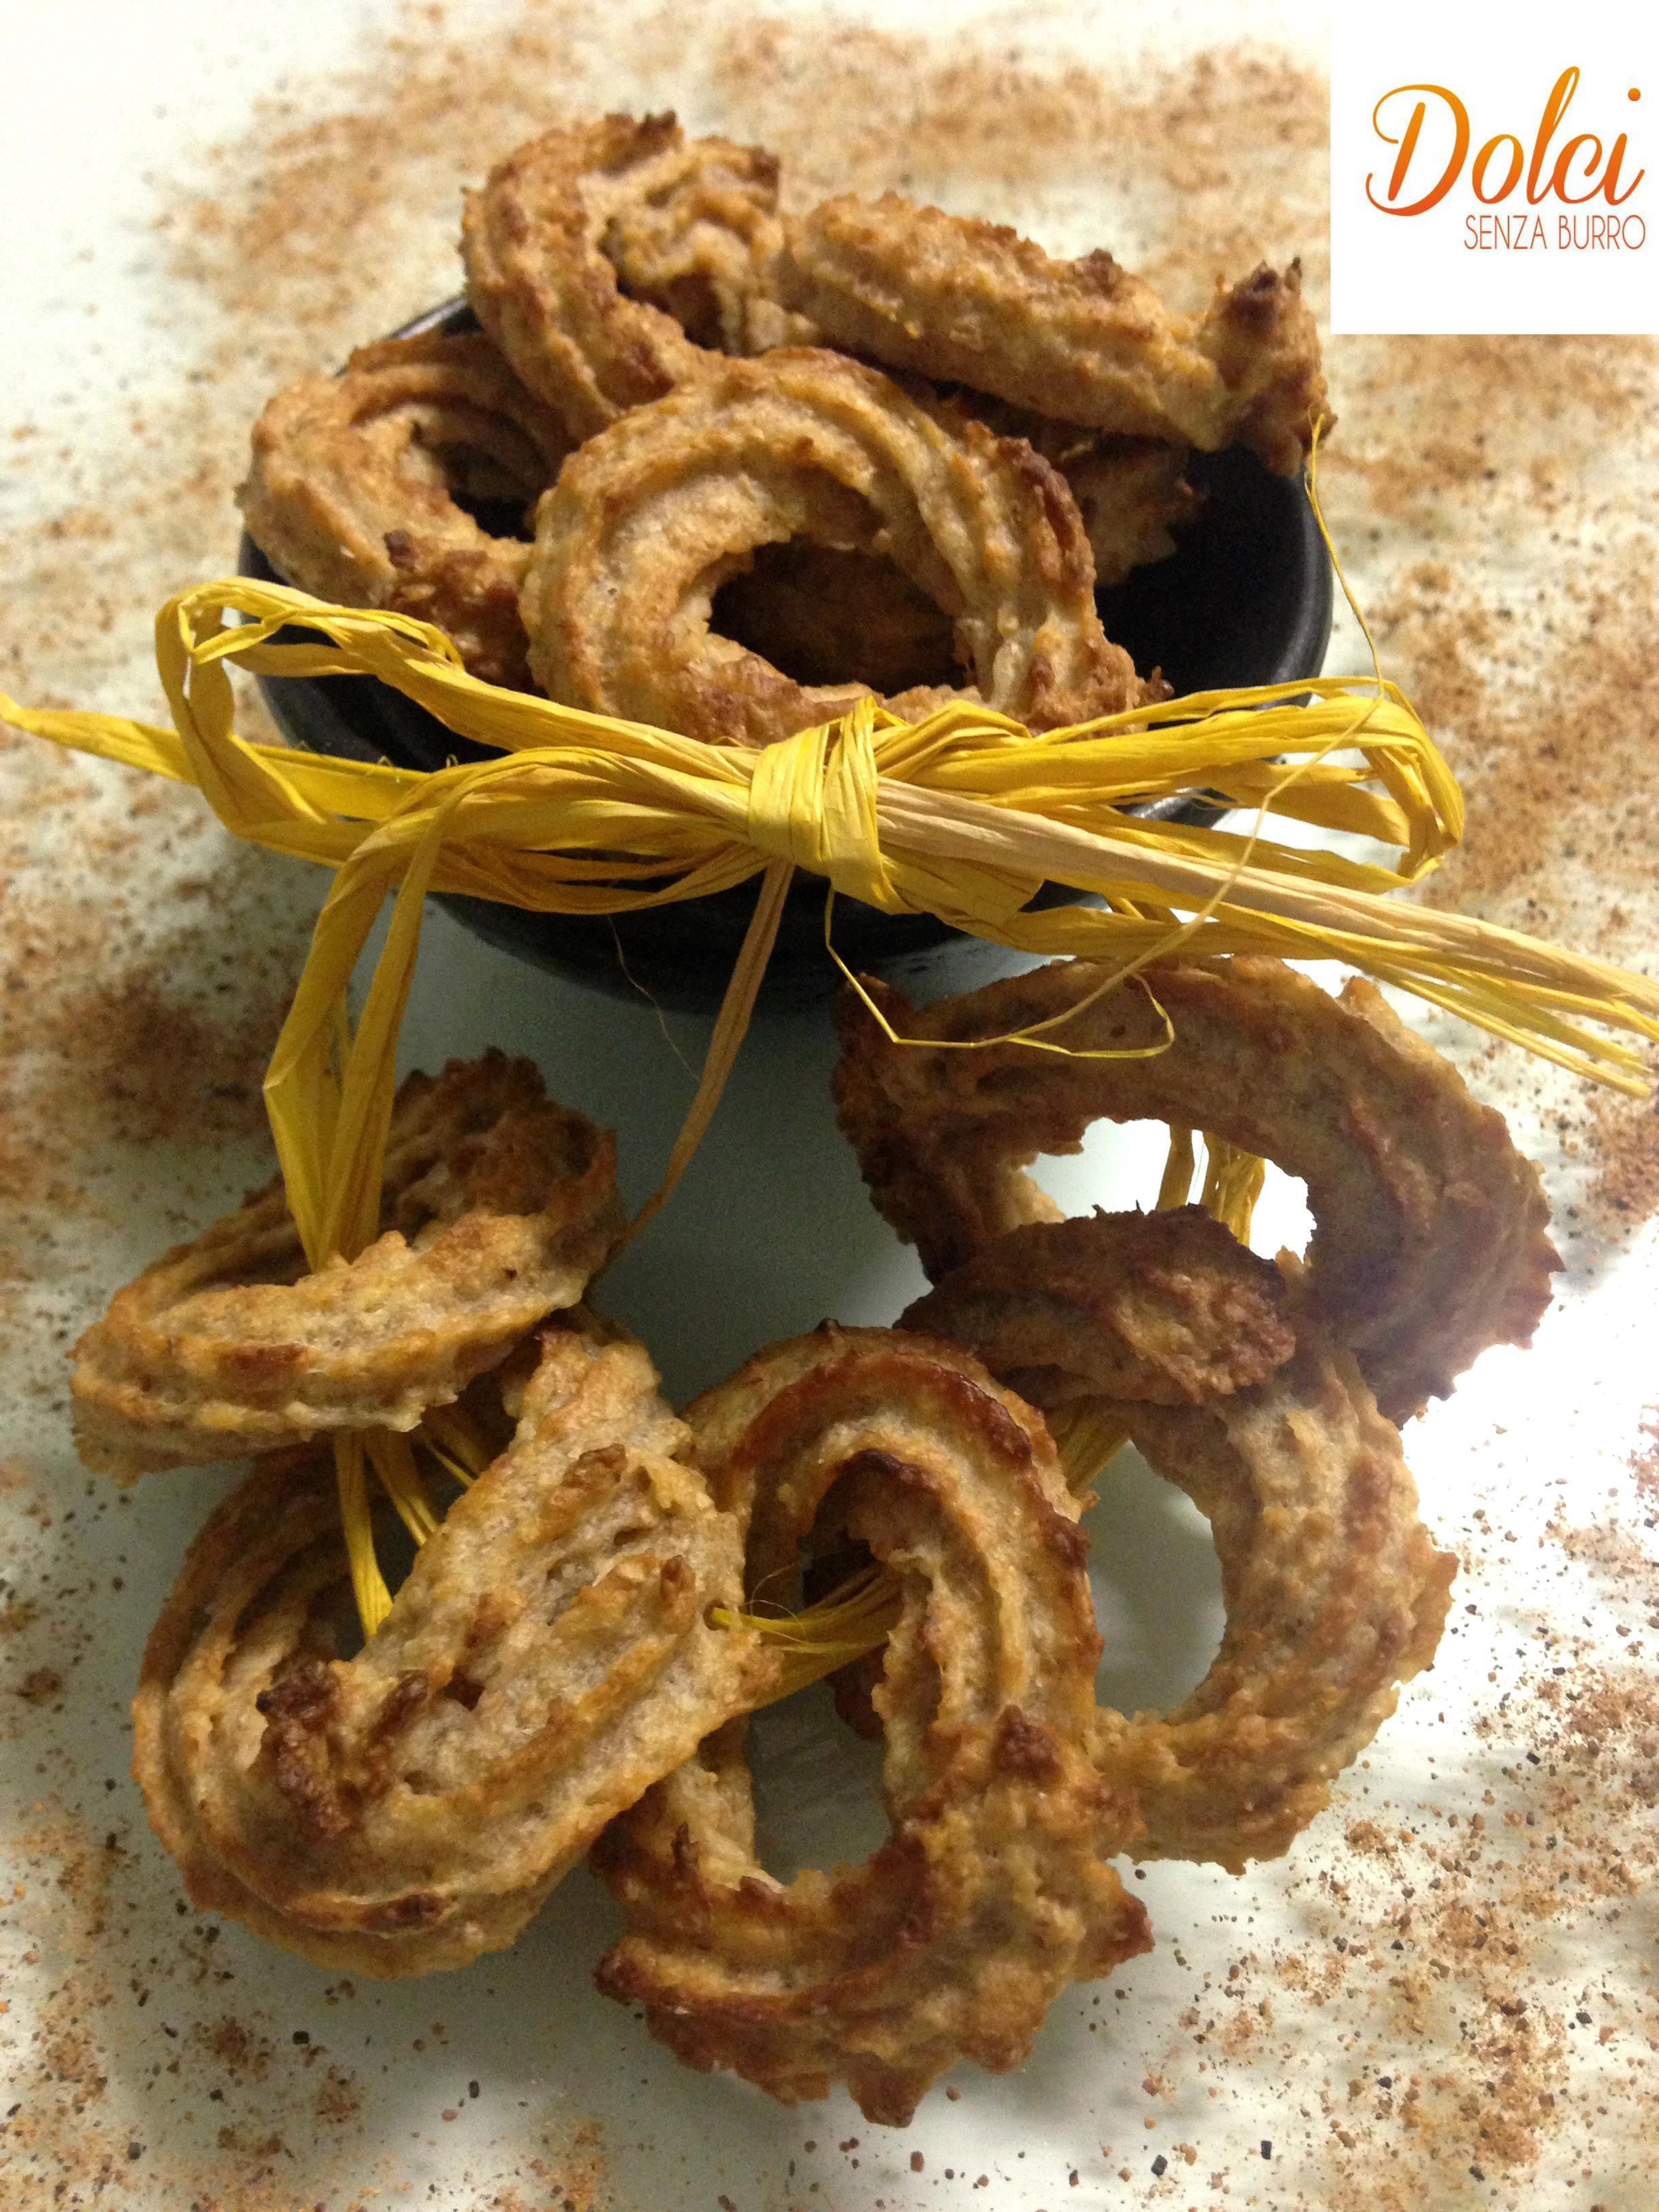 Biscotti al Farro Senza Burro e uova, i biscotti light di dolci senza burro